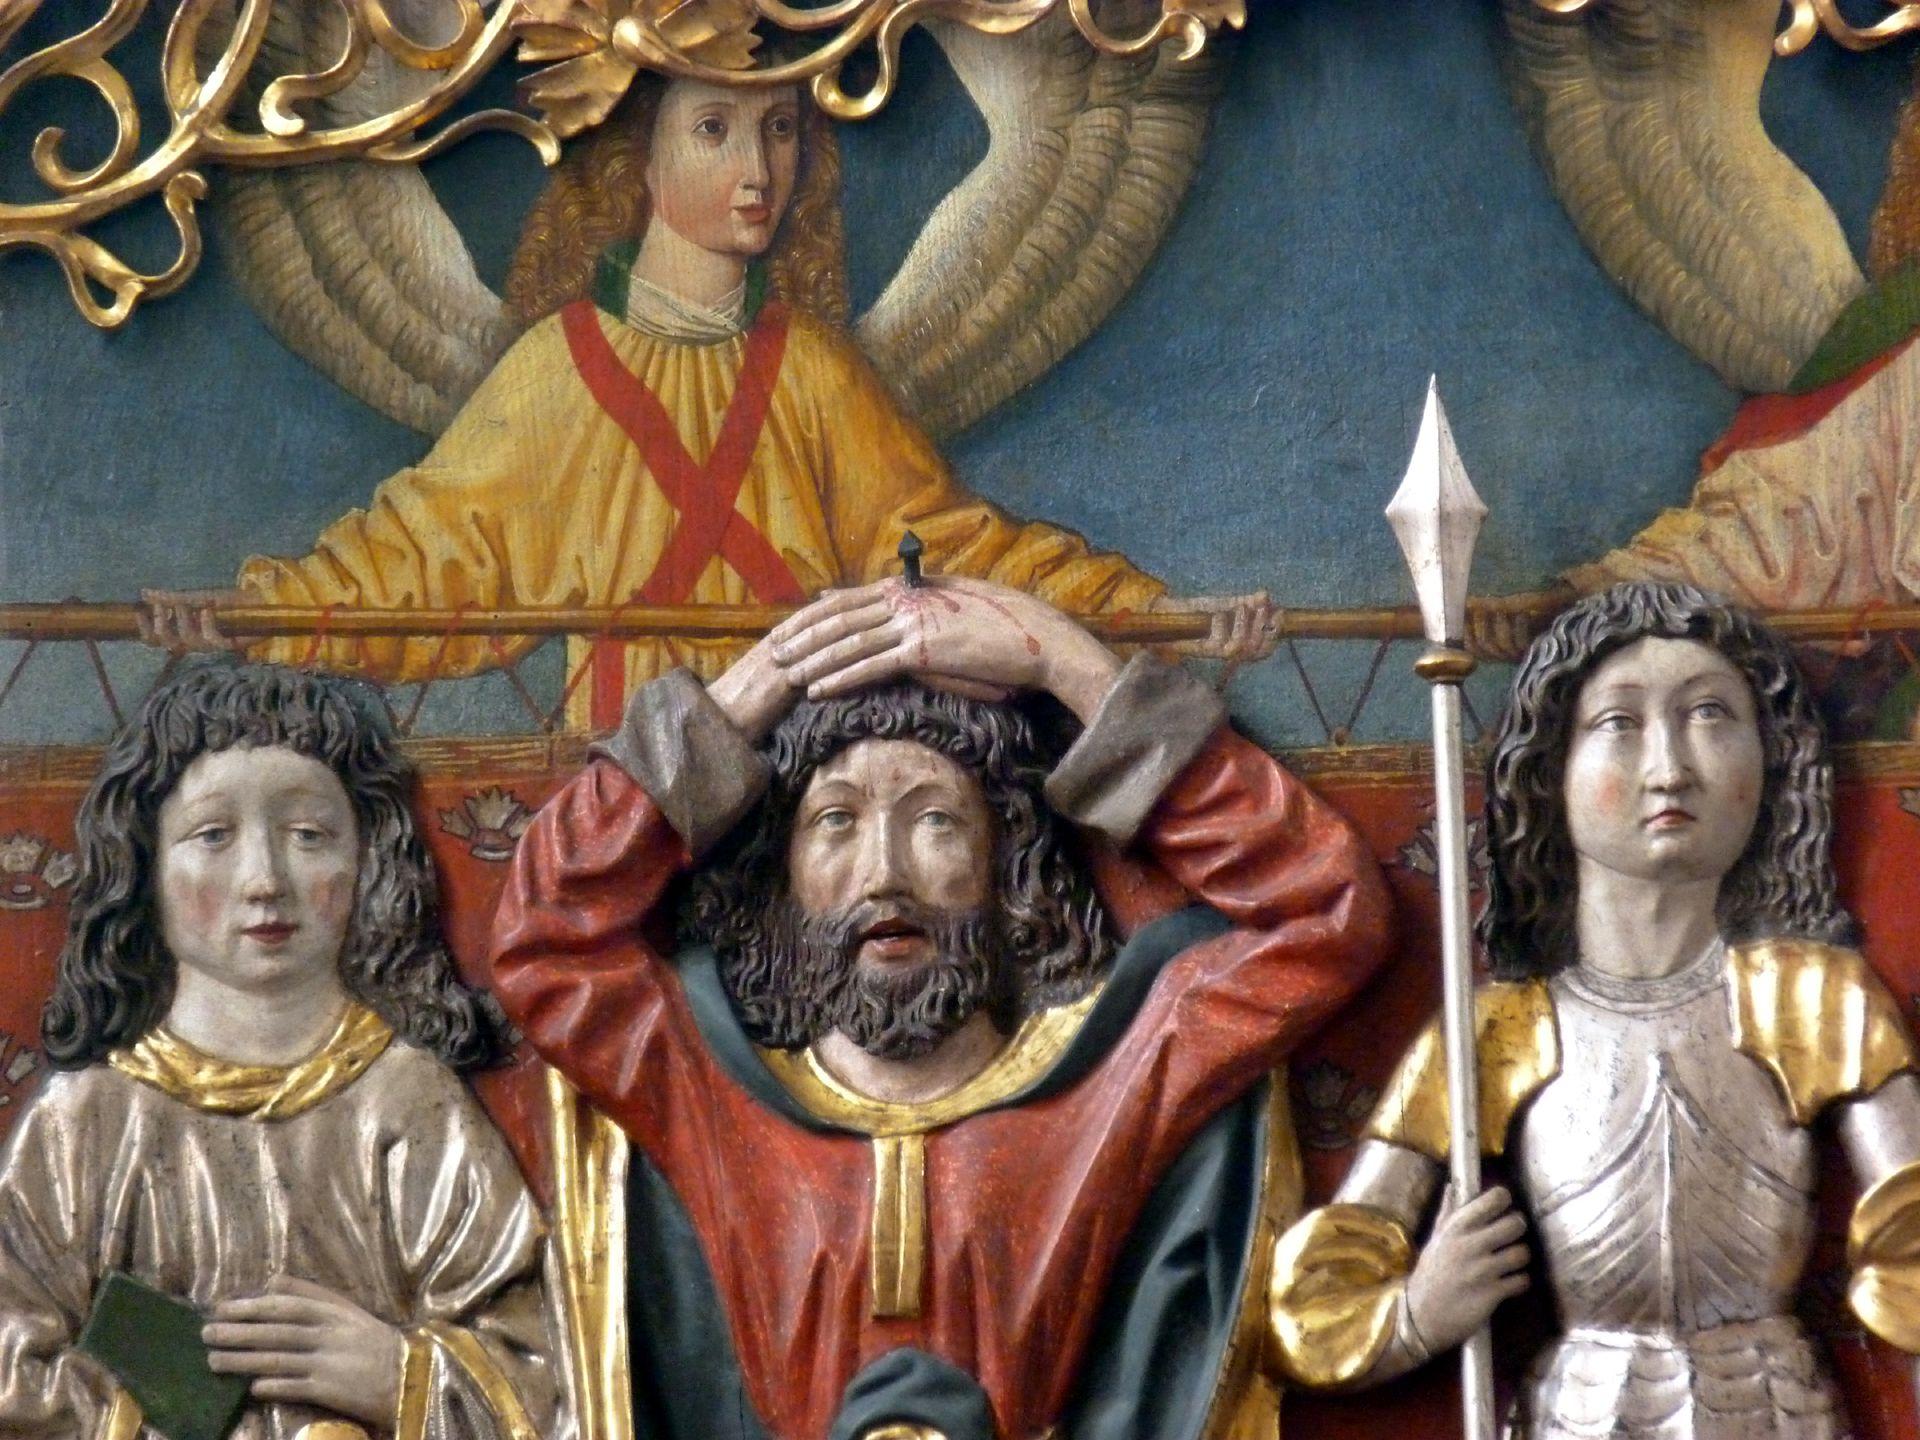 Osternoher Altar linker Flügel, Detail: Hll. Cyriakus, Pataleon und Georg